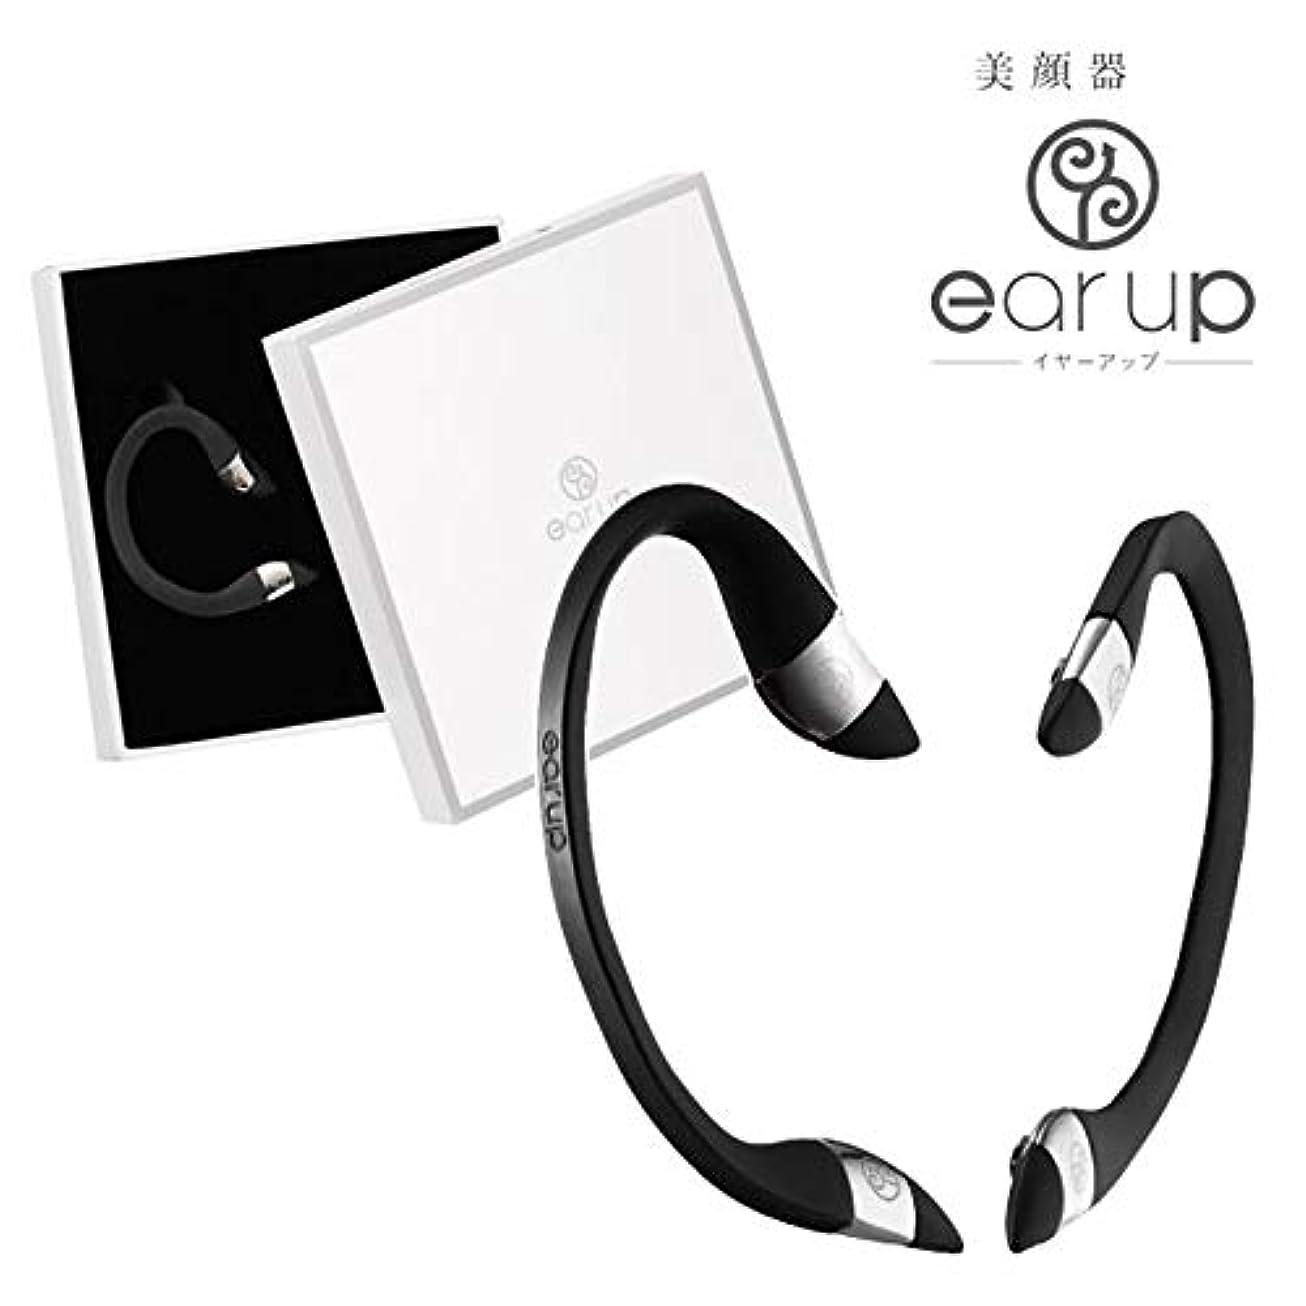 ハードリングバッフル派生するエイベックスビューティーメソッド ear up(イヤーアップ)